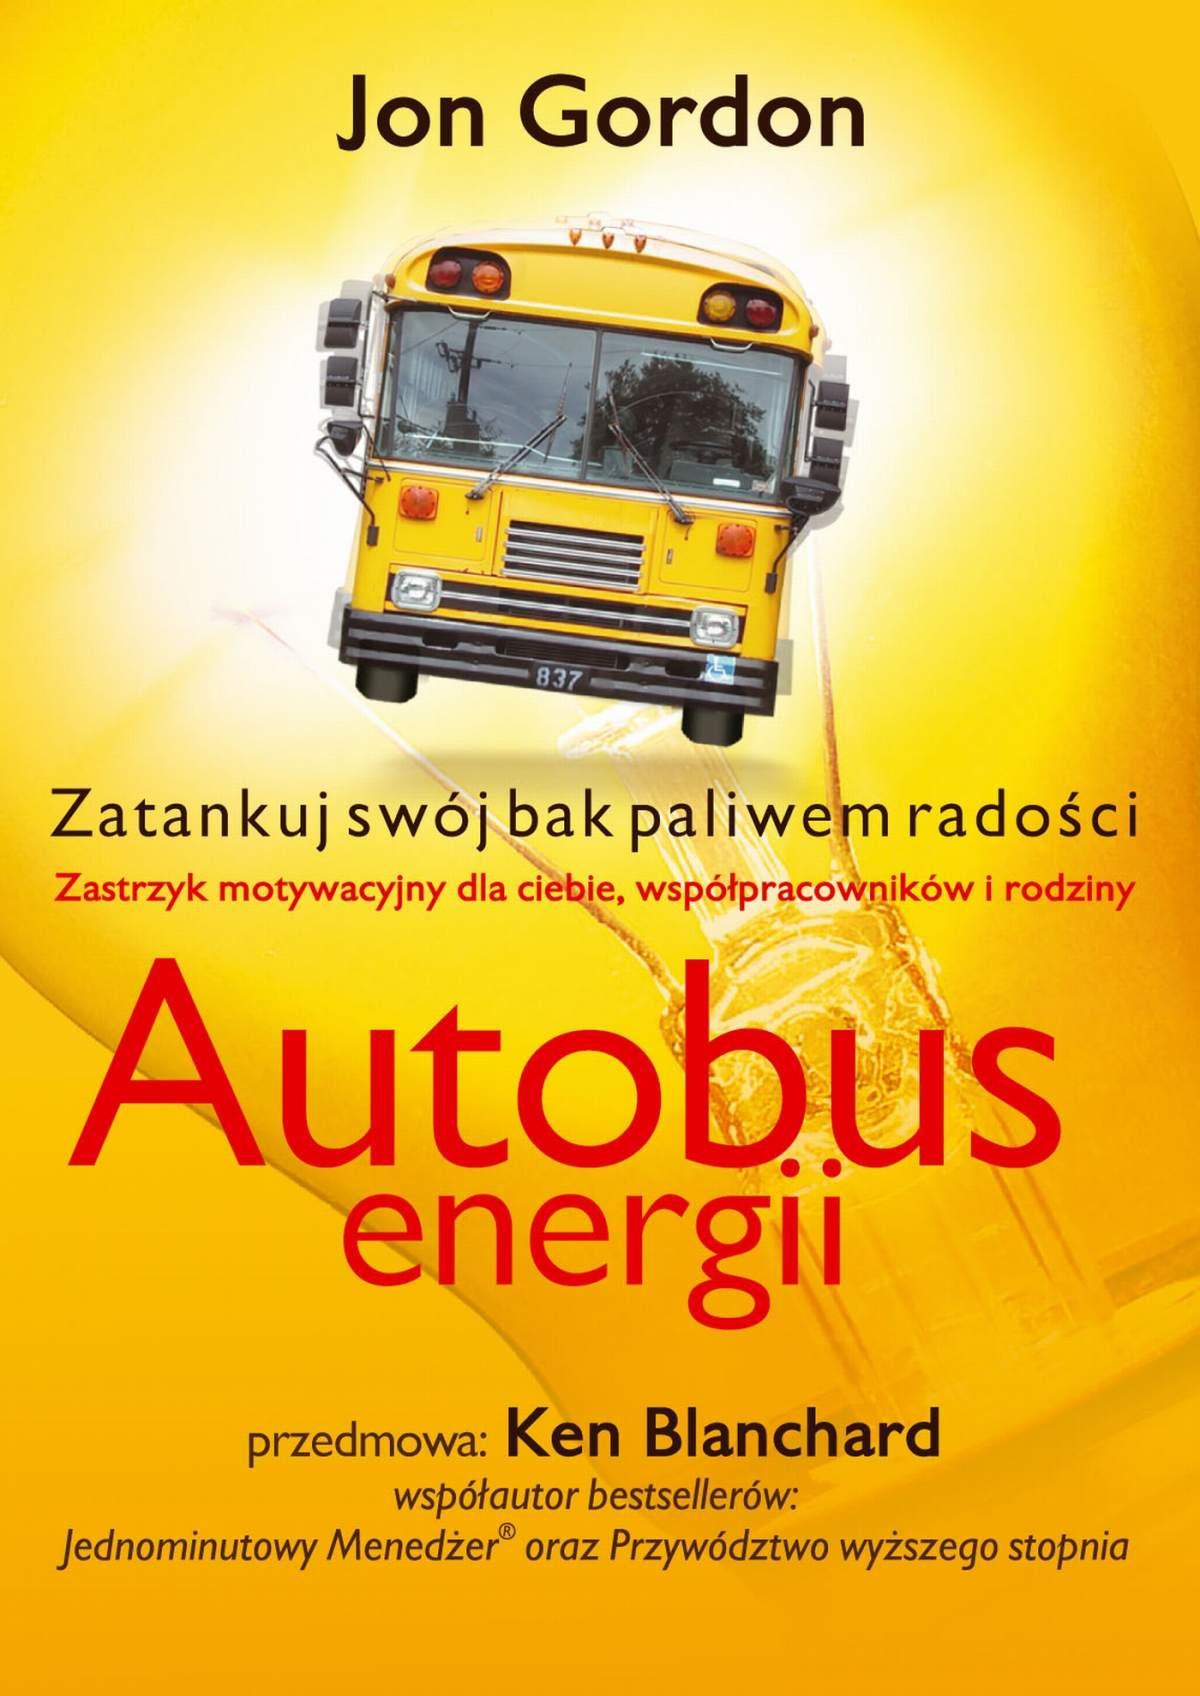 Autobus energii - Ebook (Książka EPUB) do pobrania w formacie EPUB